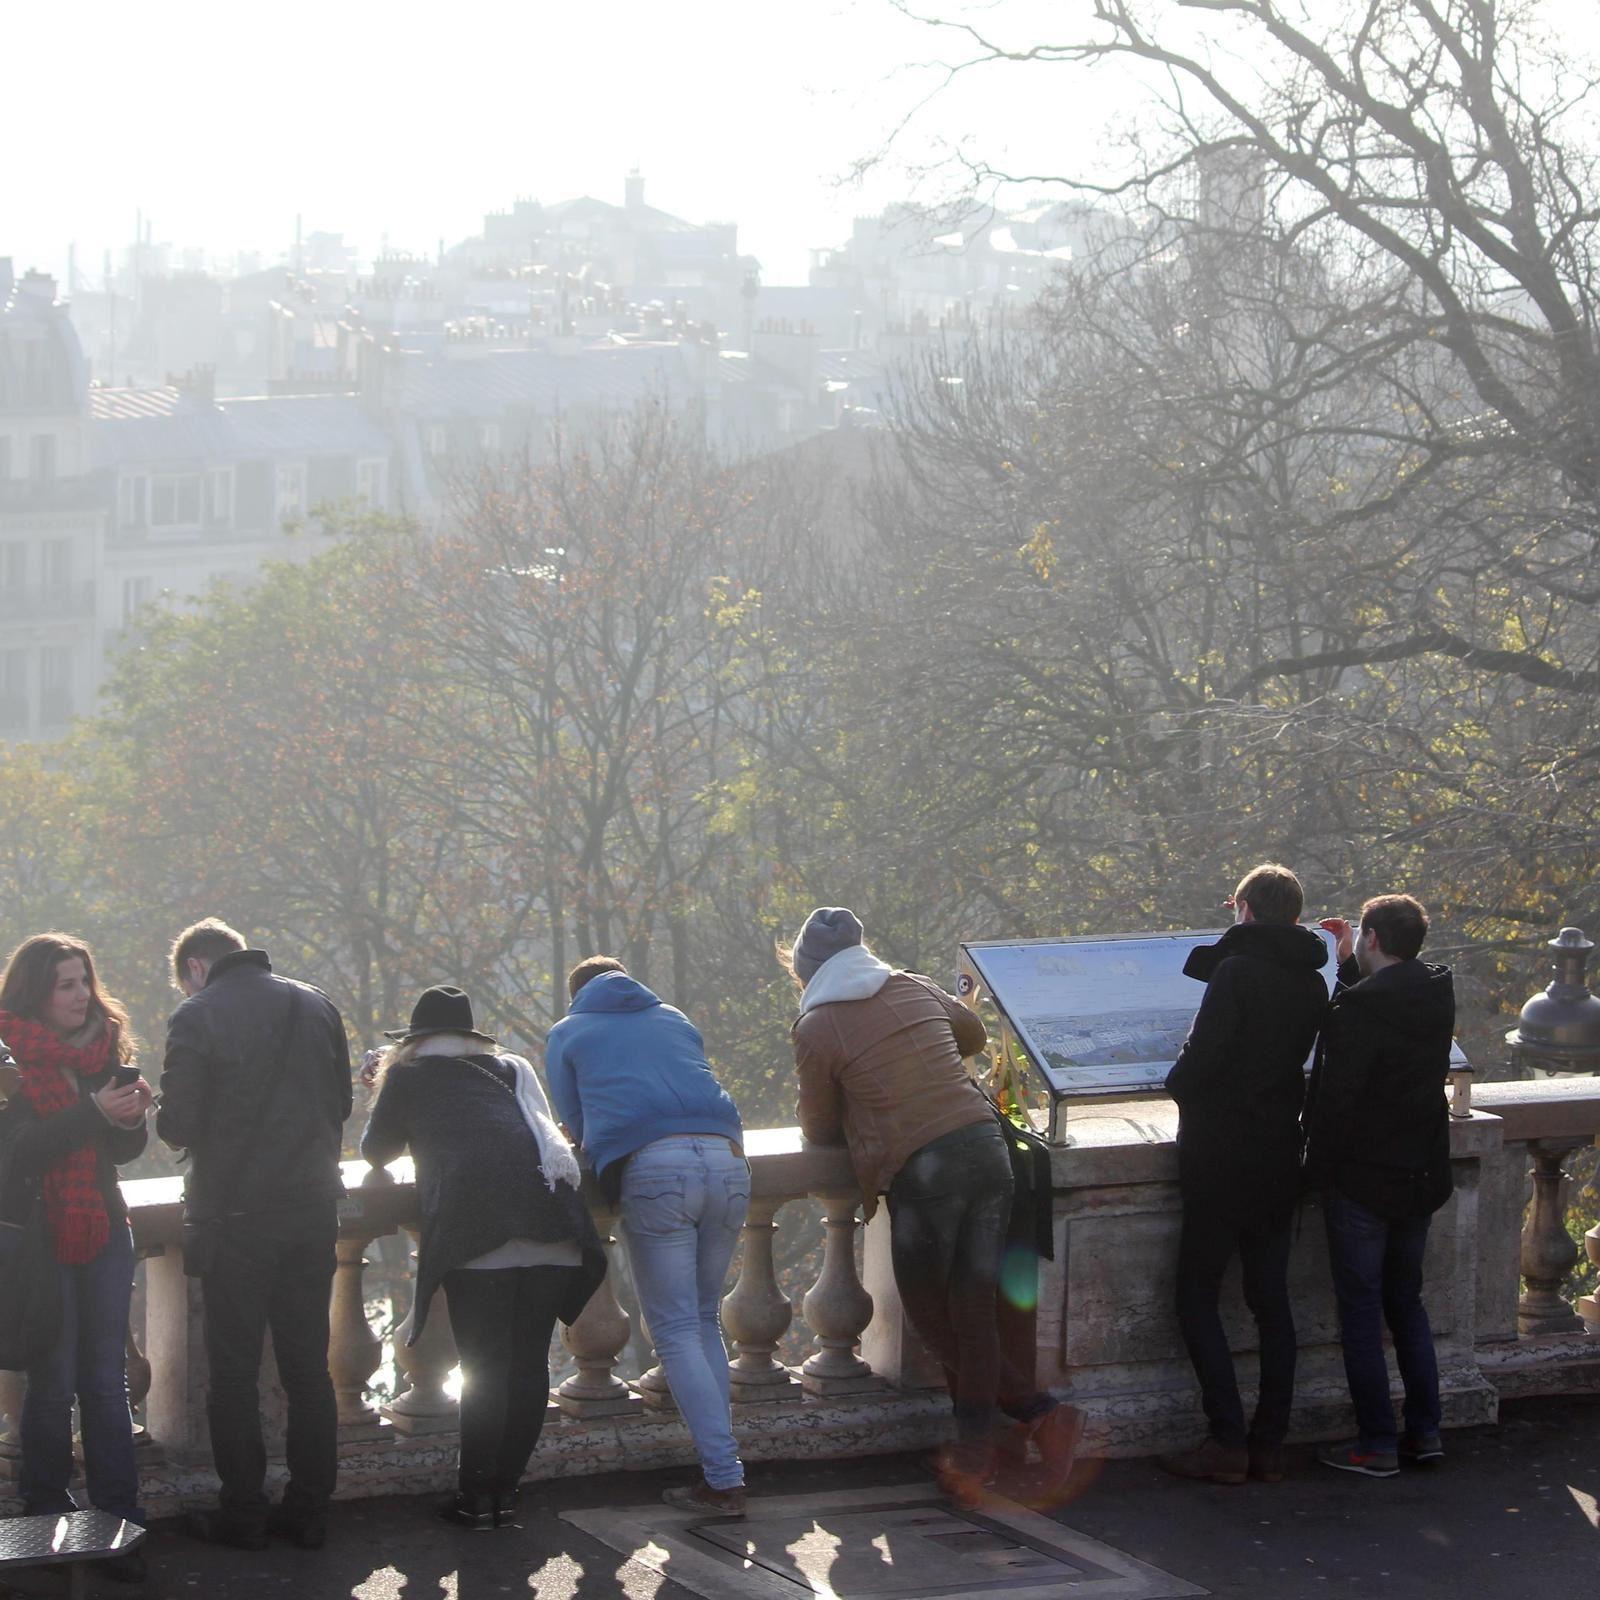 Une terrasse pour suivre l'évolution du XVIIIème!